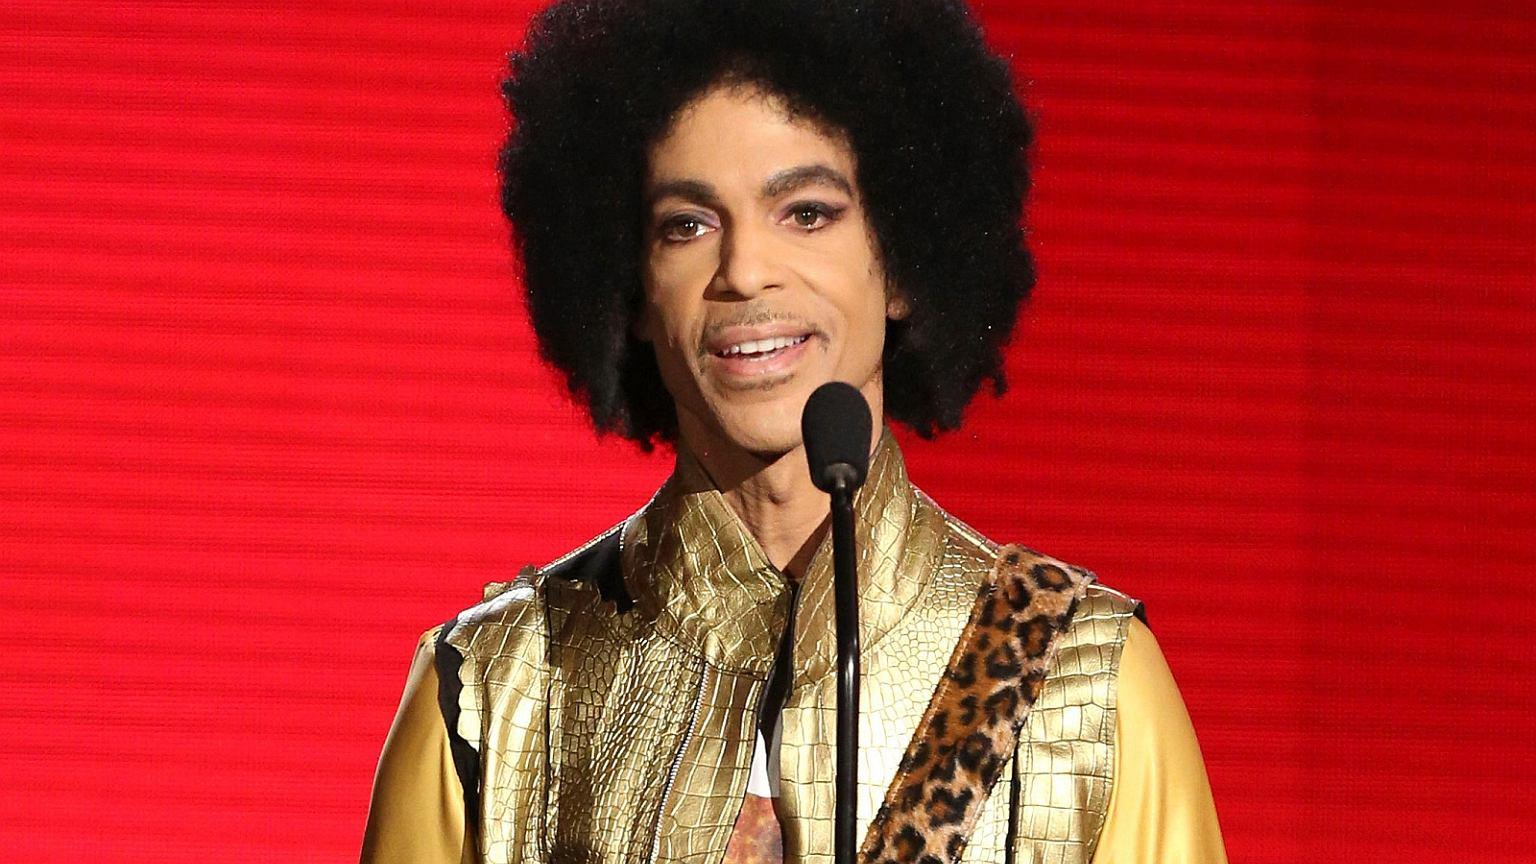 Prince zmarł 2 lata temu. Dzień przed rocznicą pokazali niepublikowane nagranie 'Nothing compares 2 U'